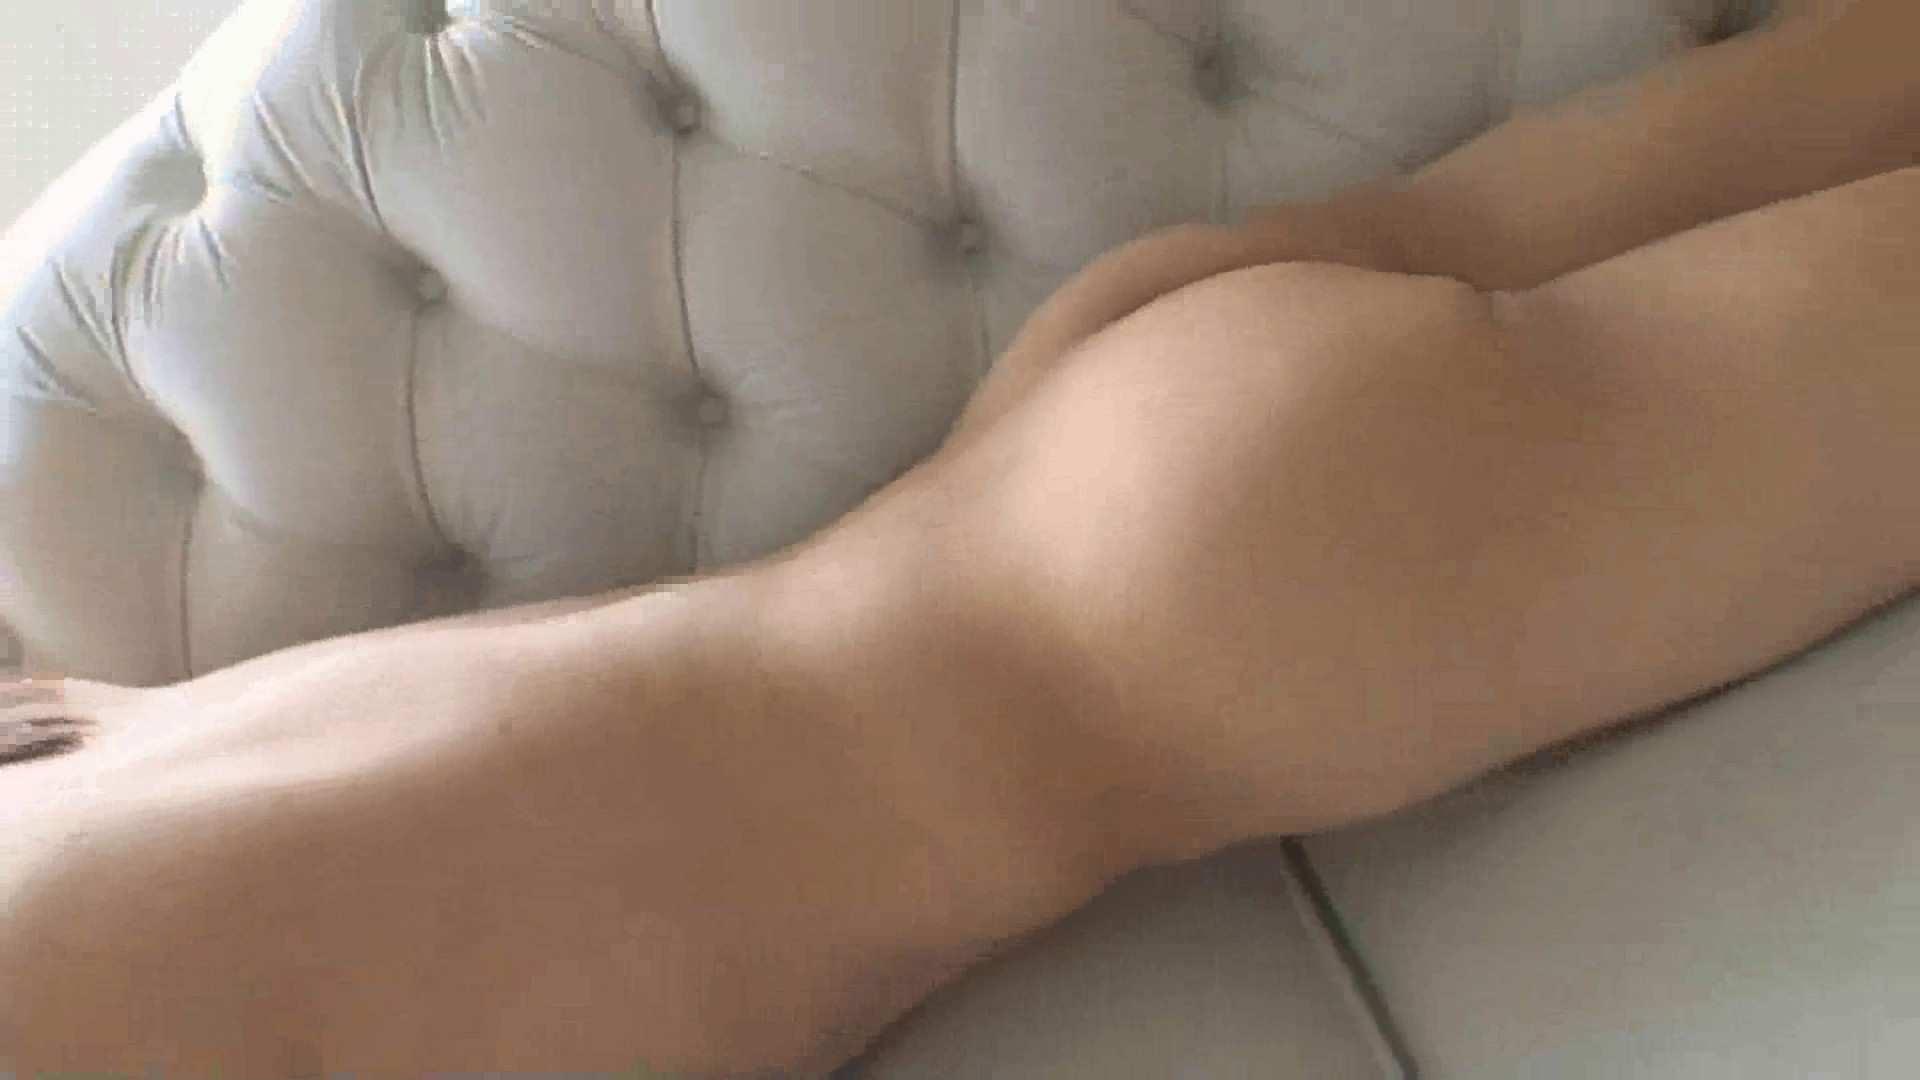 色白イケメン君のセクシーパラダイスムービーショー前編 水着 | スリム美少年系ジャニ系  64連発 17